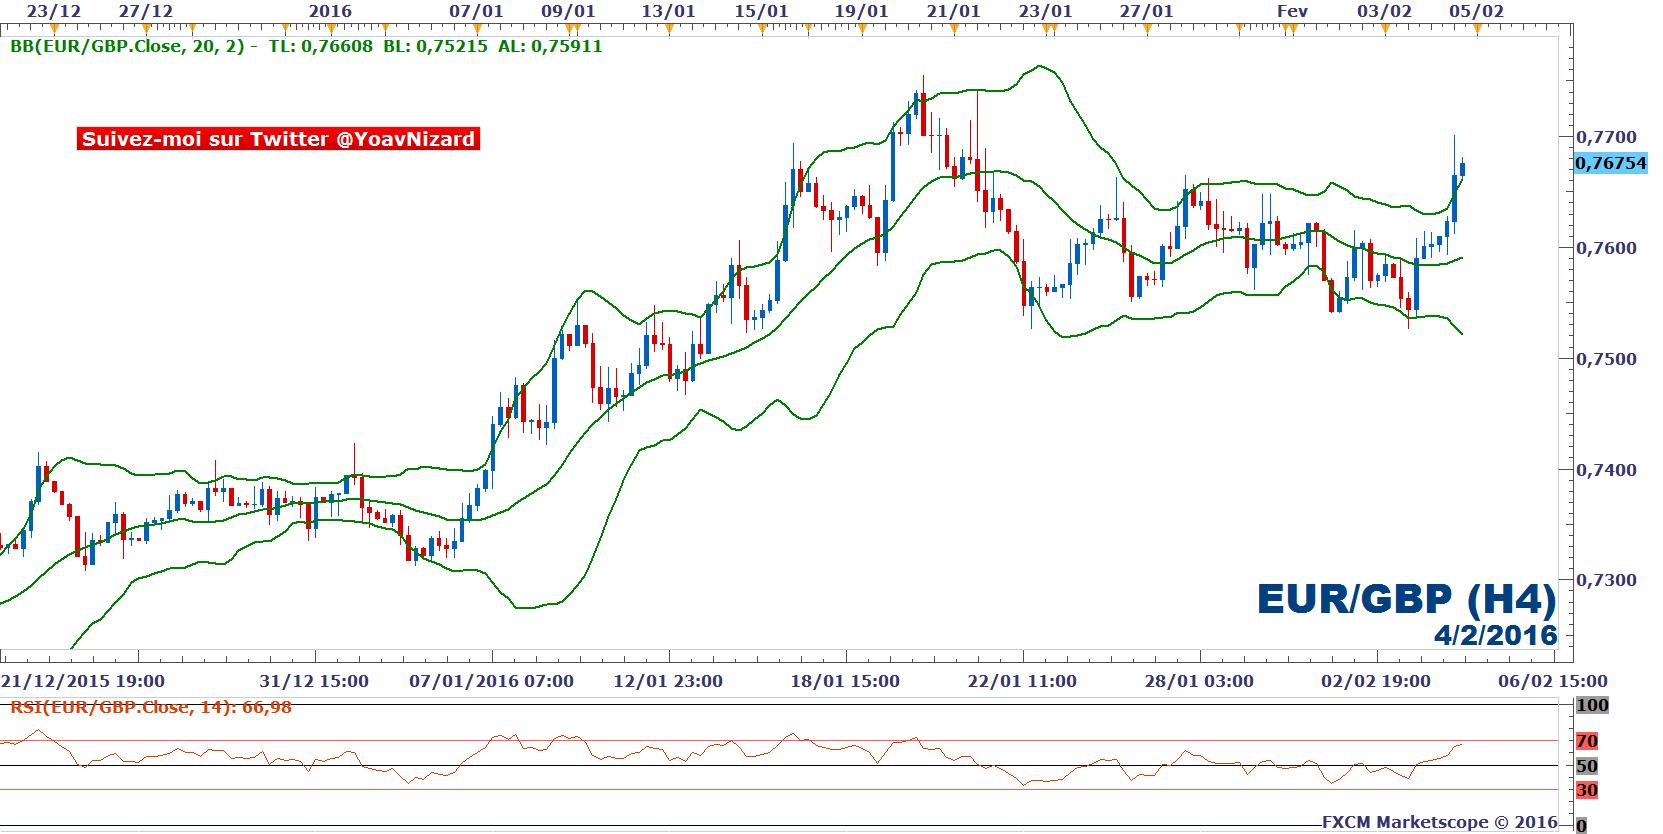 Si vous tradez sur les marchés français, vous avez sans doute entendu parler le CMC Markets. Il s'agit d'un courtier sur le Forex qui propose aussi de .